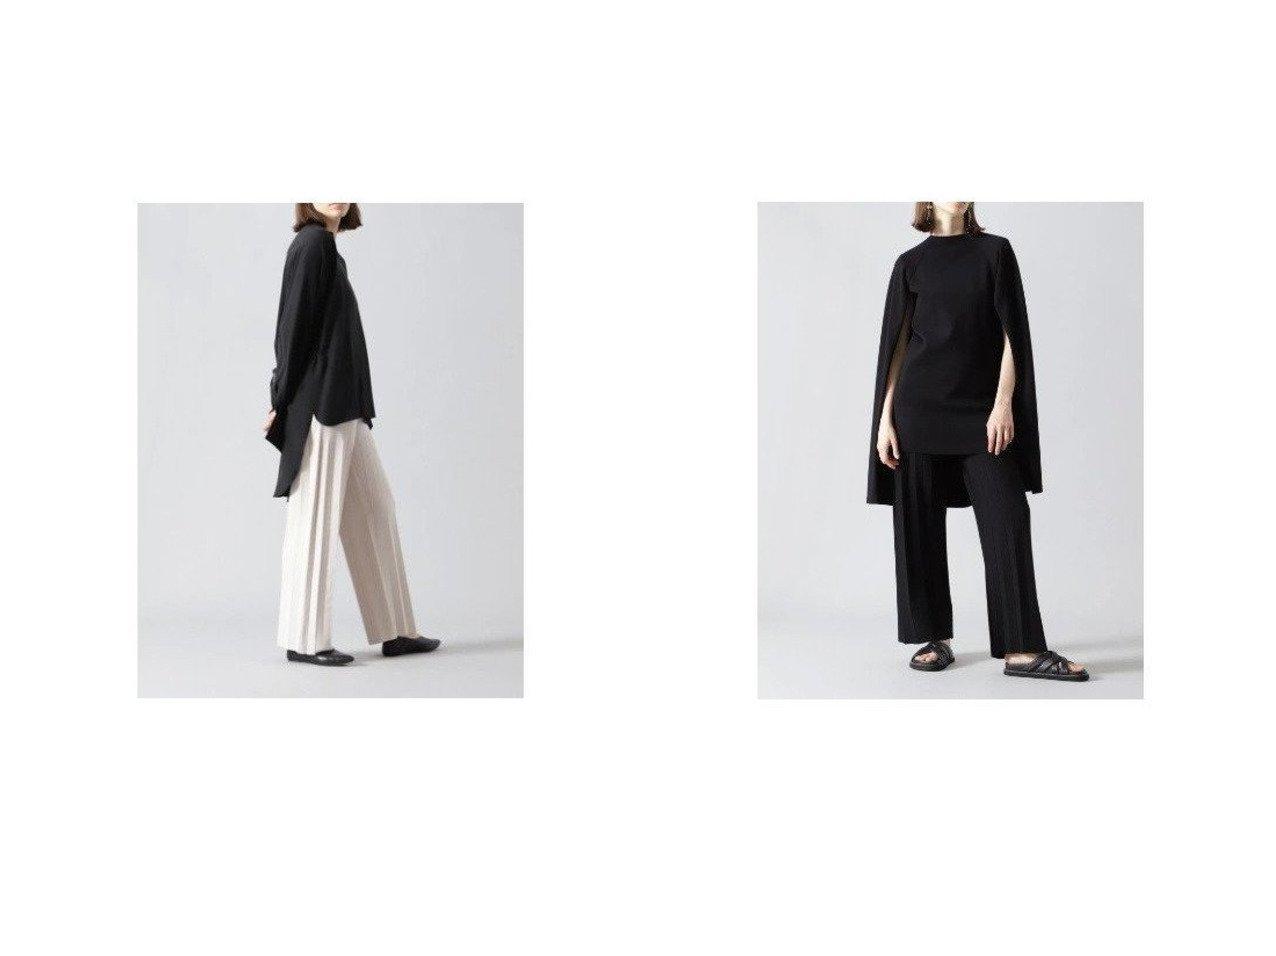 【ADORE/アドーア】のクリアストレッチニットパンツ 【パンツ】おすすめ!人気、トレンド・レディースファッションの通販 おすすめで人気の流行・トレンド、ファッションの通販商品 メンズファッション・キッズファッション・インテリア・家具・レディースファッション・服の通販 founy(ファニー) https://founy.com/ ファッション Fashion レディースファッション WOMEN パンツ Pants スタンダード ストレッチ セットアップ プリーツ |ID:crp329100000029101